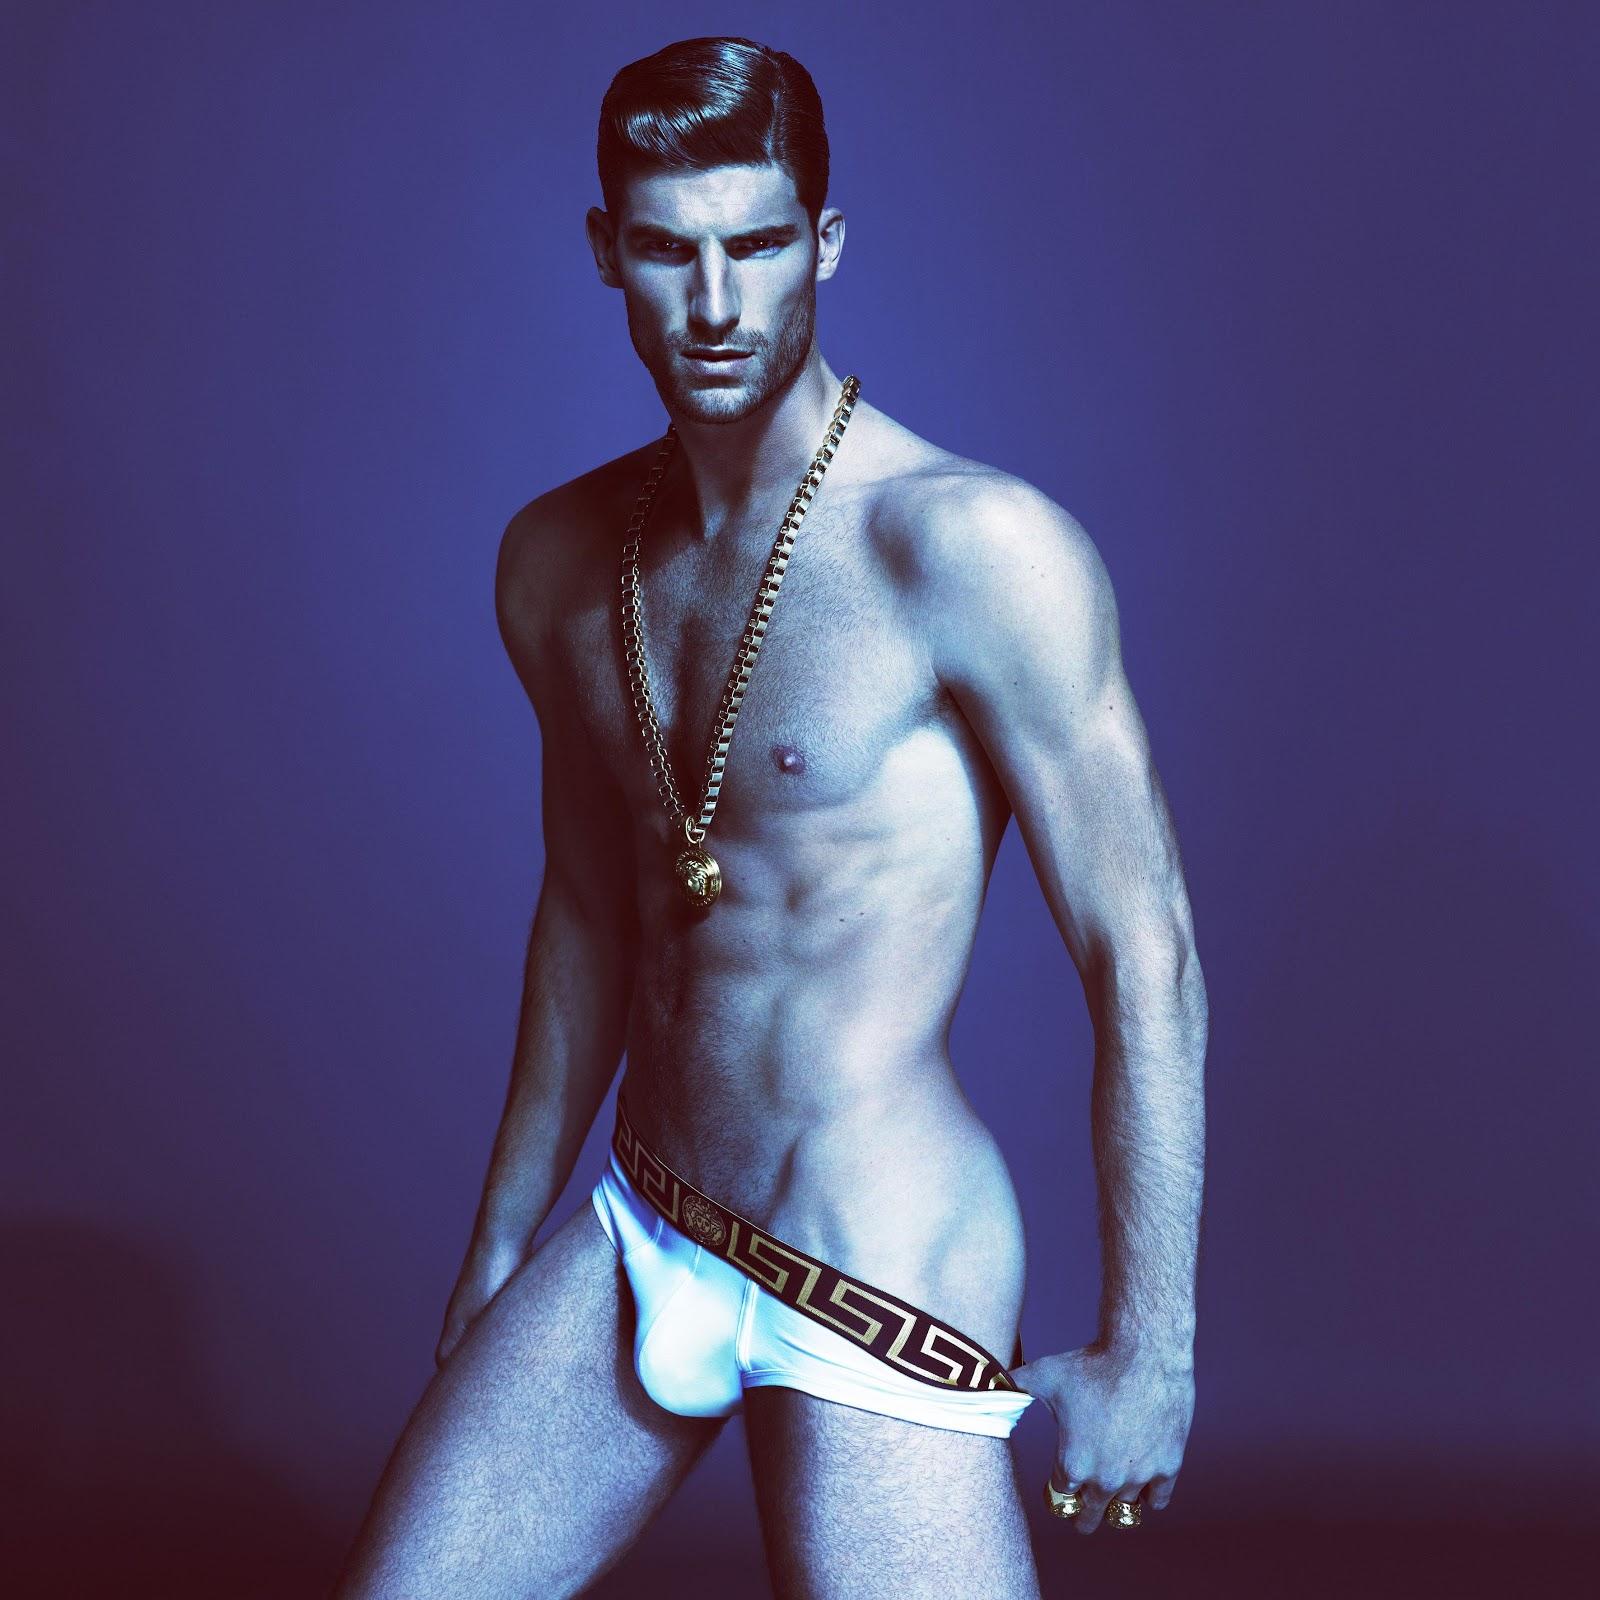 Versace Men's Underwear